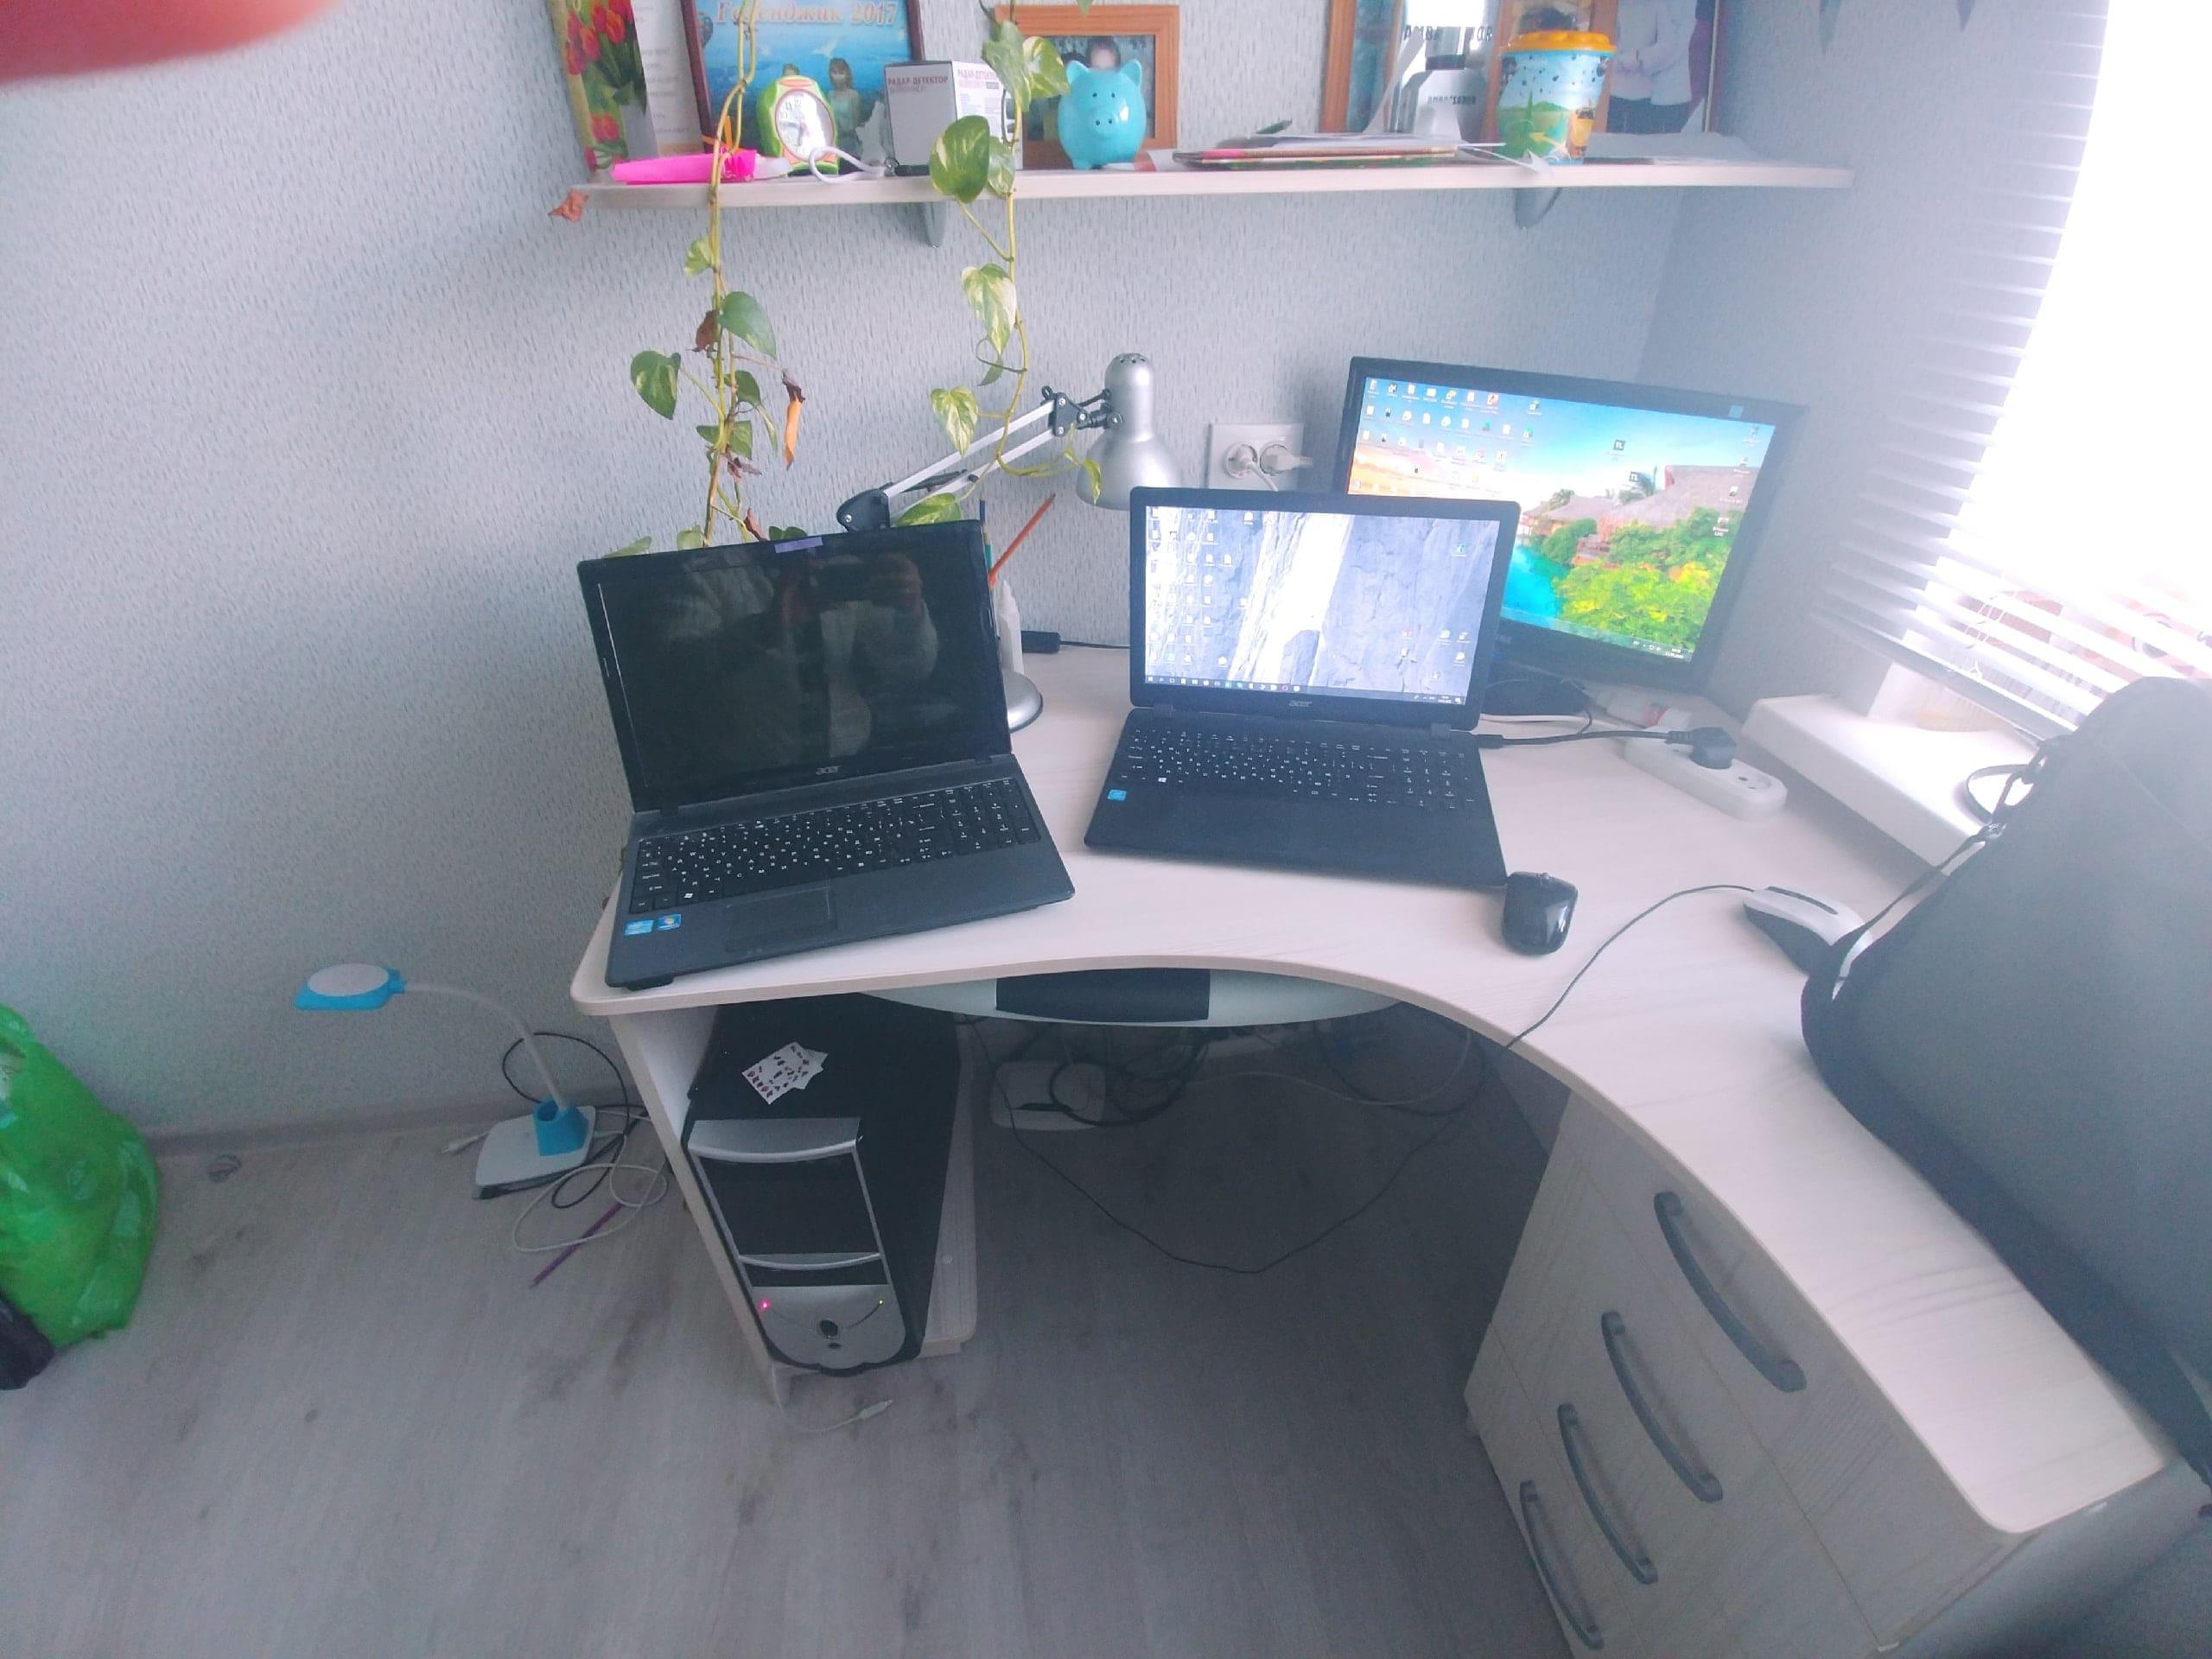 Оптимизация системы, настройка ноутбука и компьютера